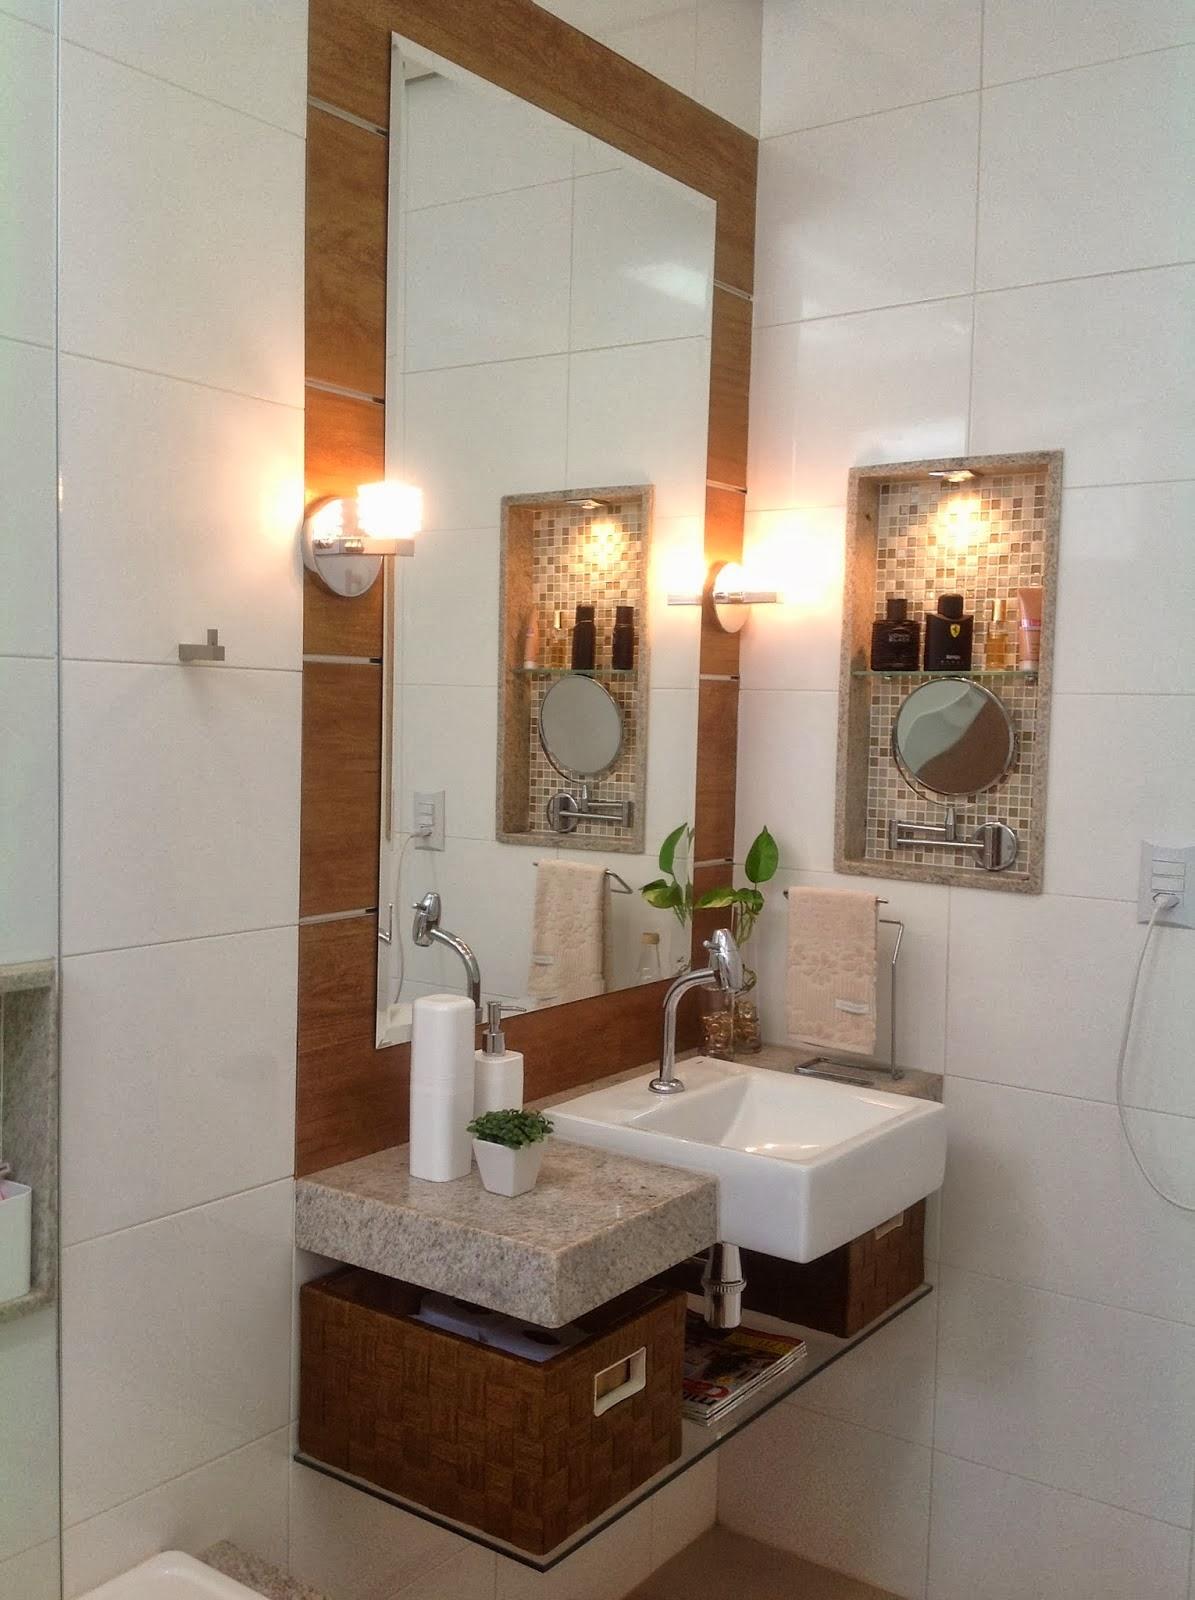 Meu Palácio de 64m² Cuba semi encaixe Ocean Pacific Incepa # Cuba Para Banheiro Celite